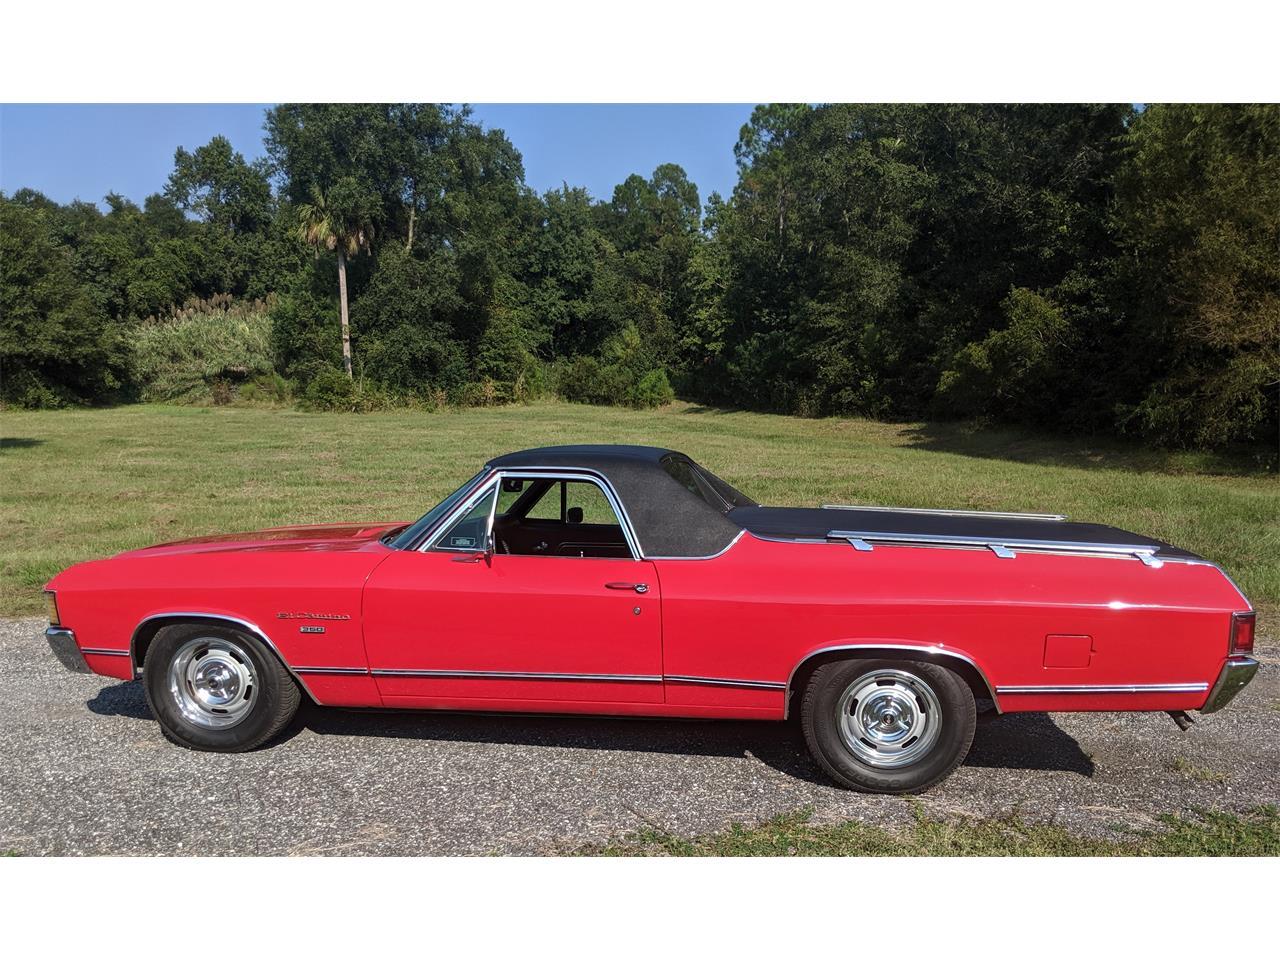 1972 Chevrolet El Camino (CC-1267861) for sale in Brunswick, Georgia